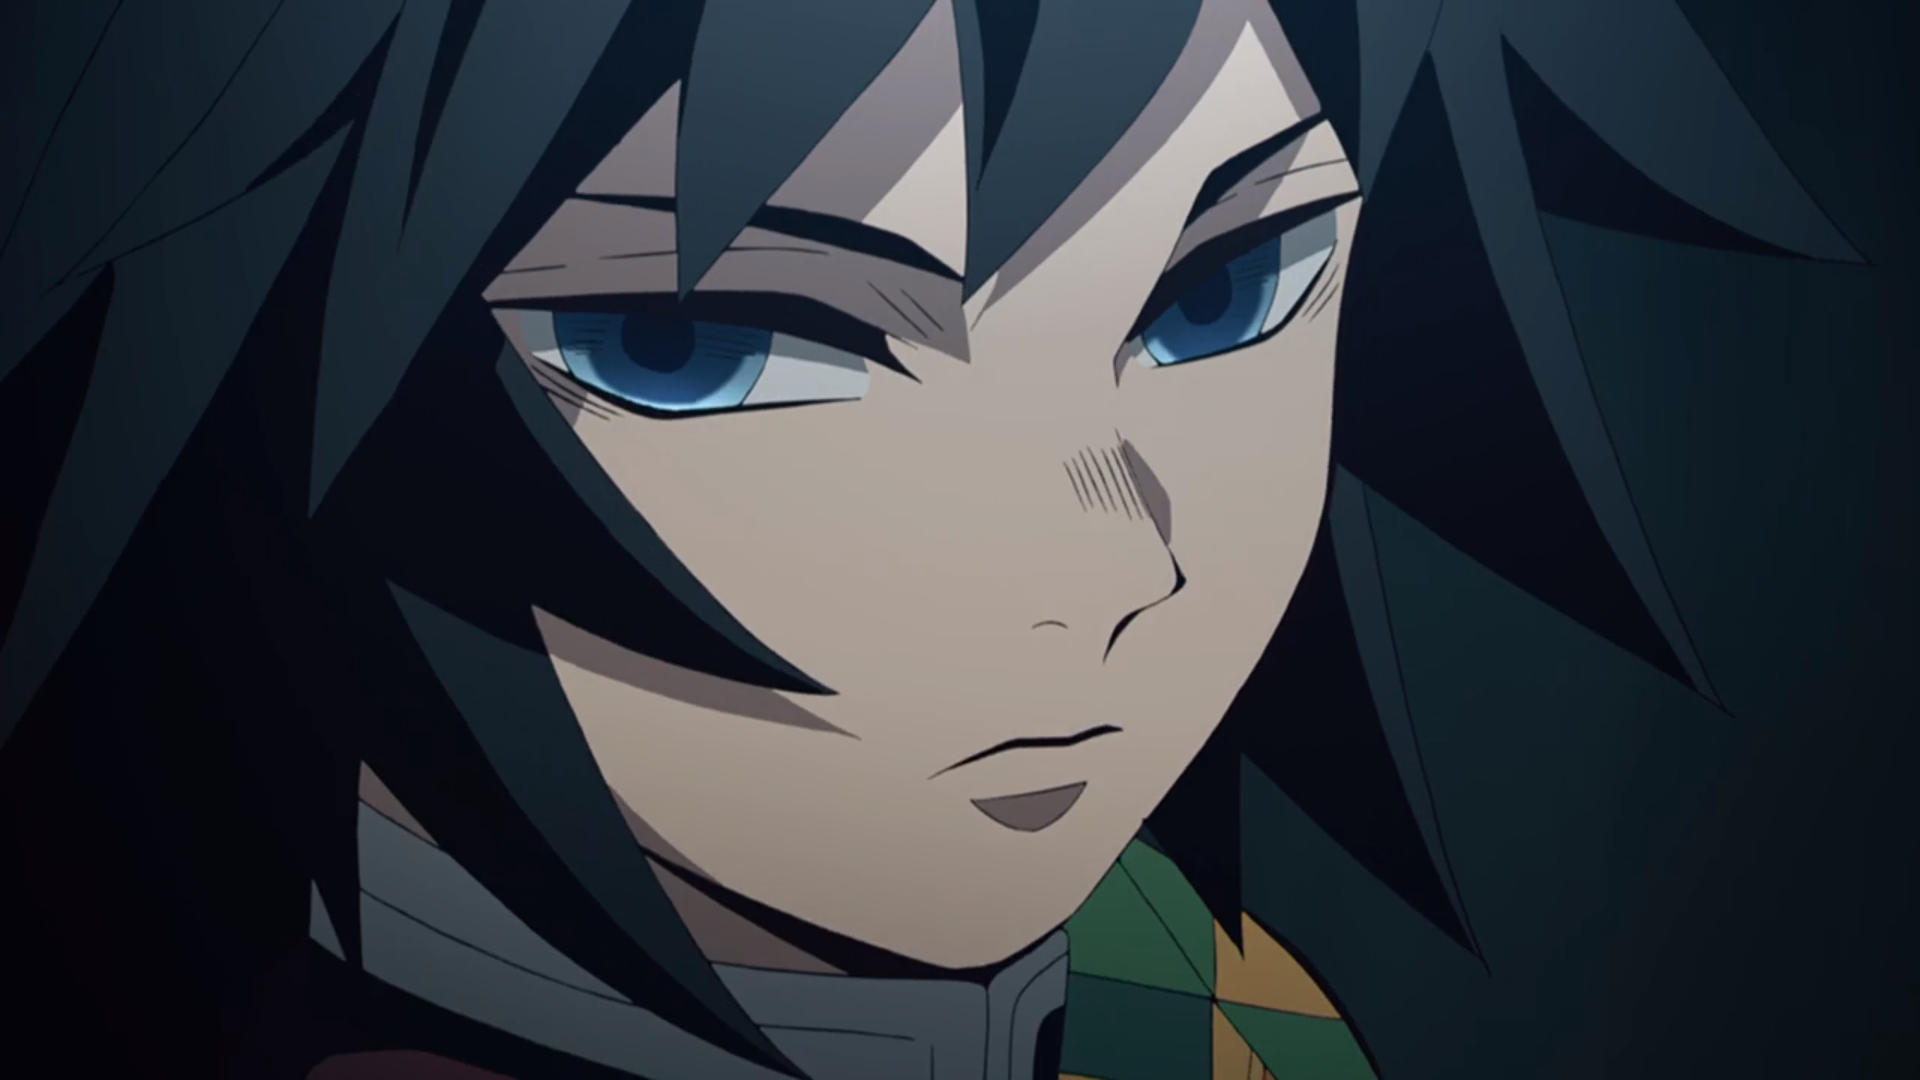 『鬼滅の刃』第18話「偽物の絆」感想・作品情報[ネタバレあり]